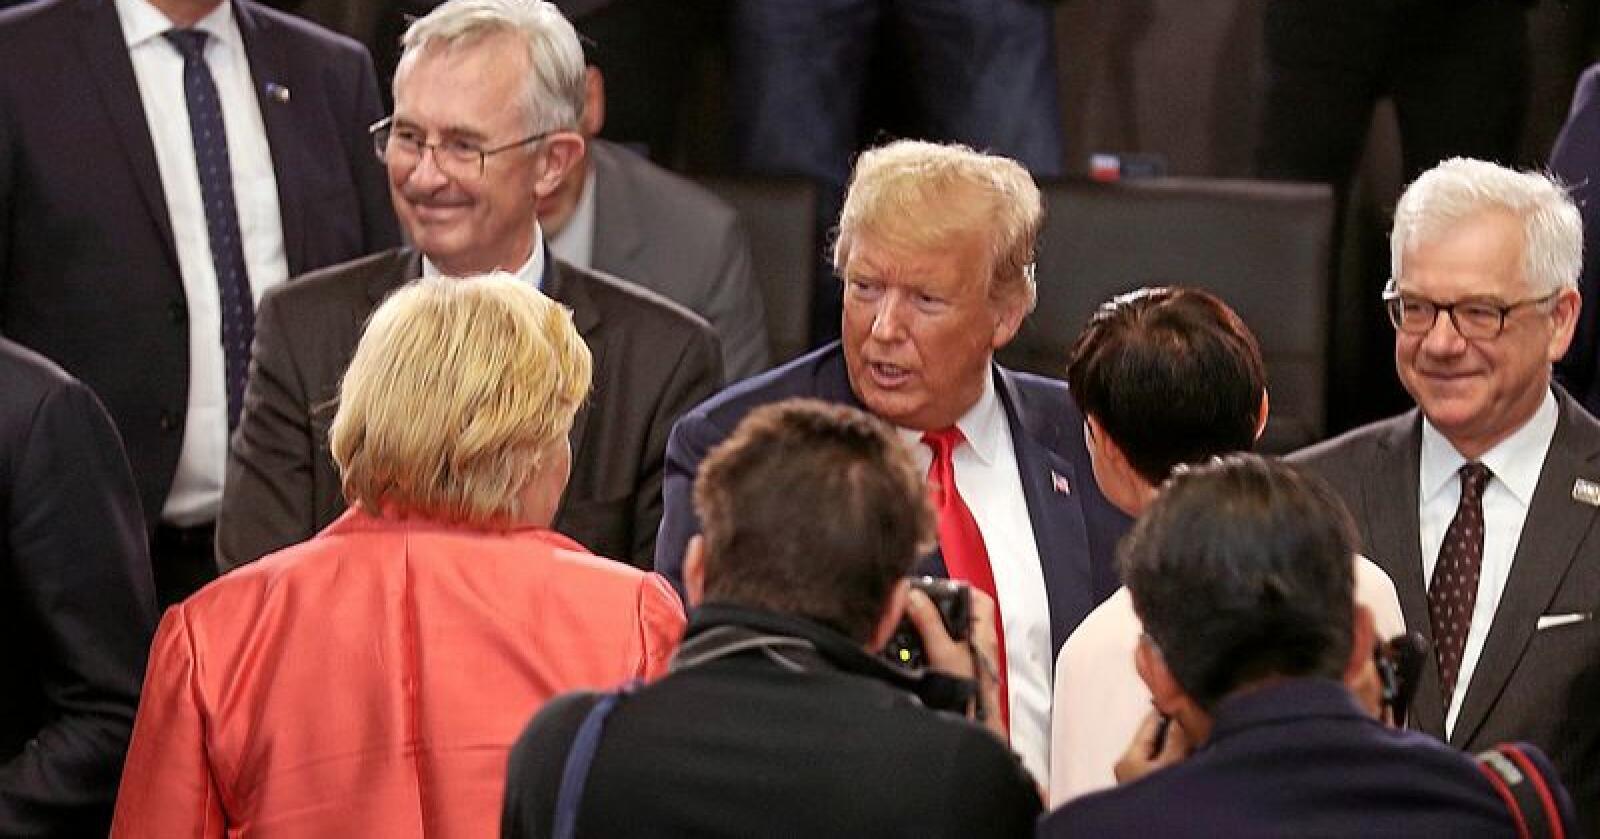 Toppmøte-kverna maler så langsomt: Toppolitikerne sin lange rekker av toppmøter - som dette i Nato – gir sørgelig lite håp om en fredeligere og bedre verden. En fornyelse trengs. Og den må komme nedenfra. Foto: Torbjørn Kjosvold / Forsvaret / NTB scanpix